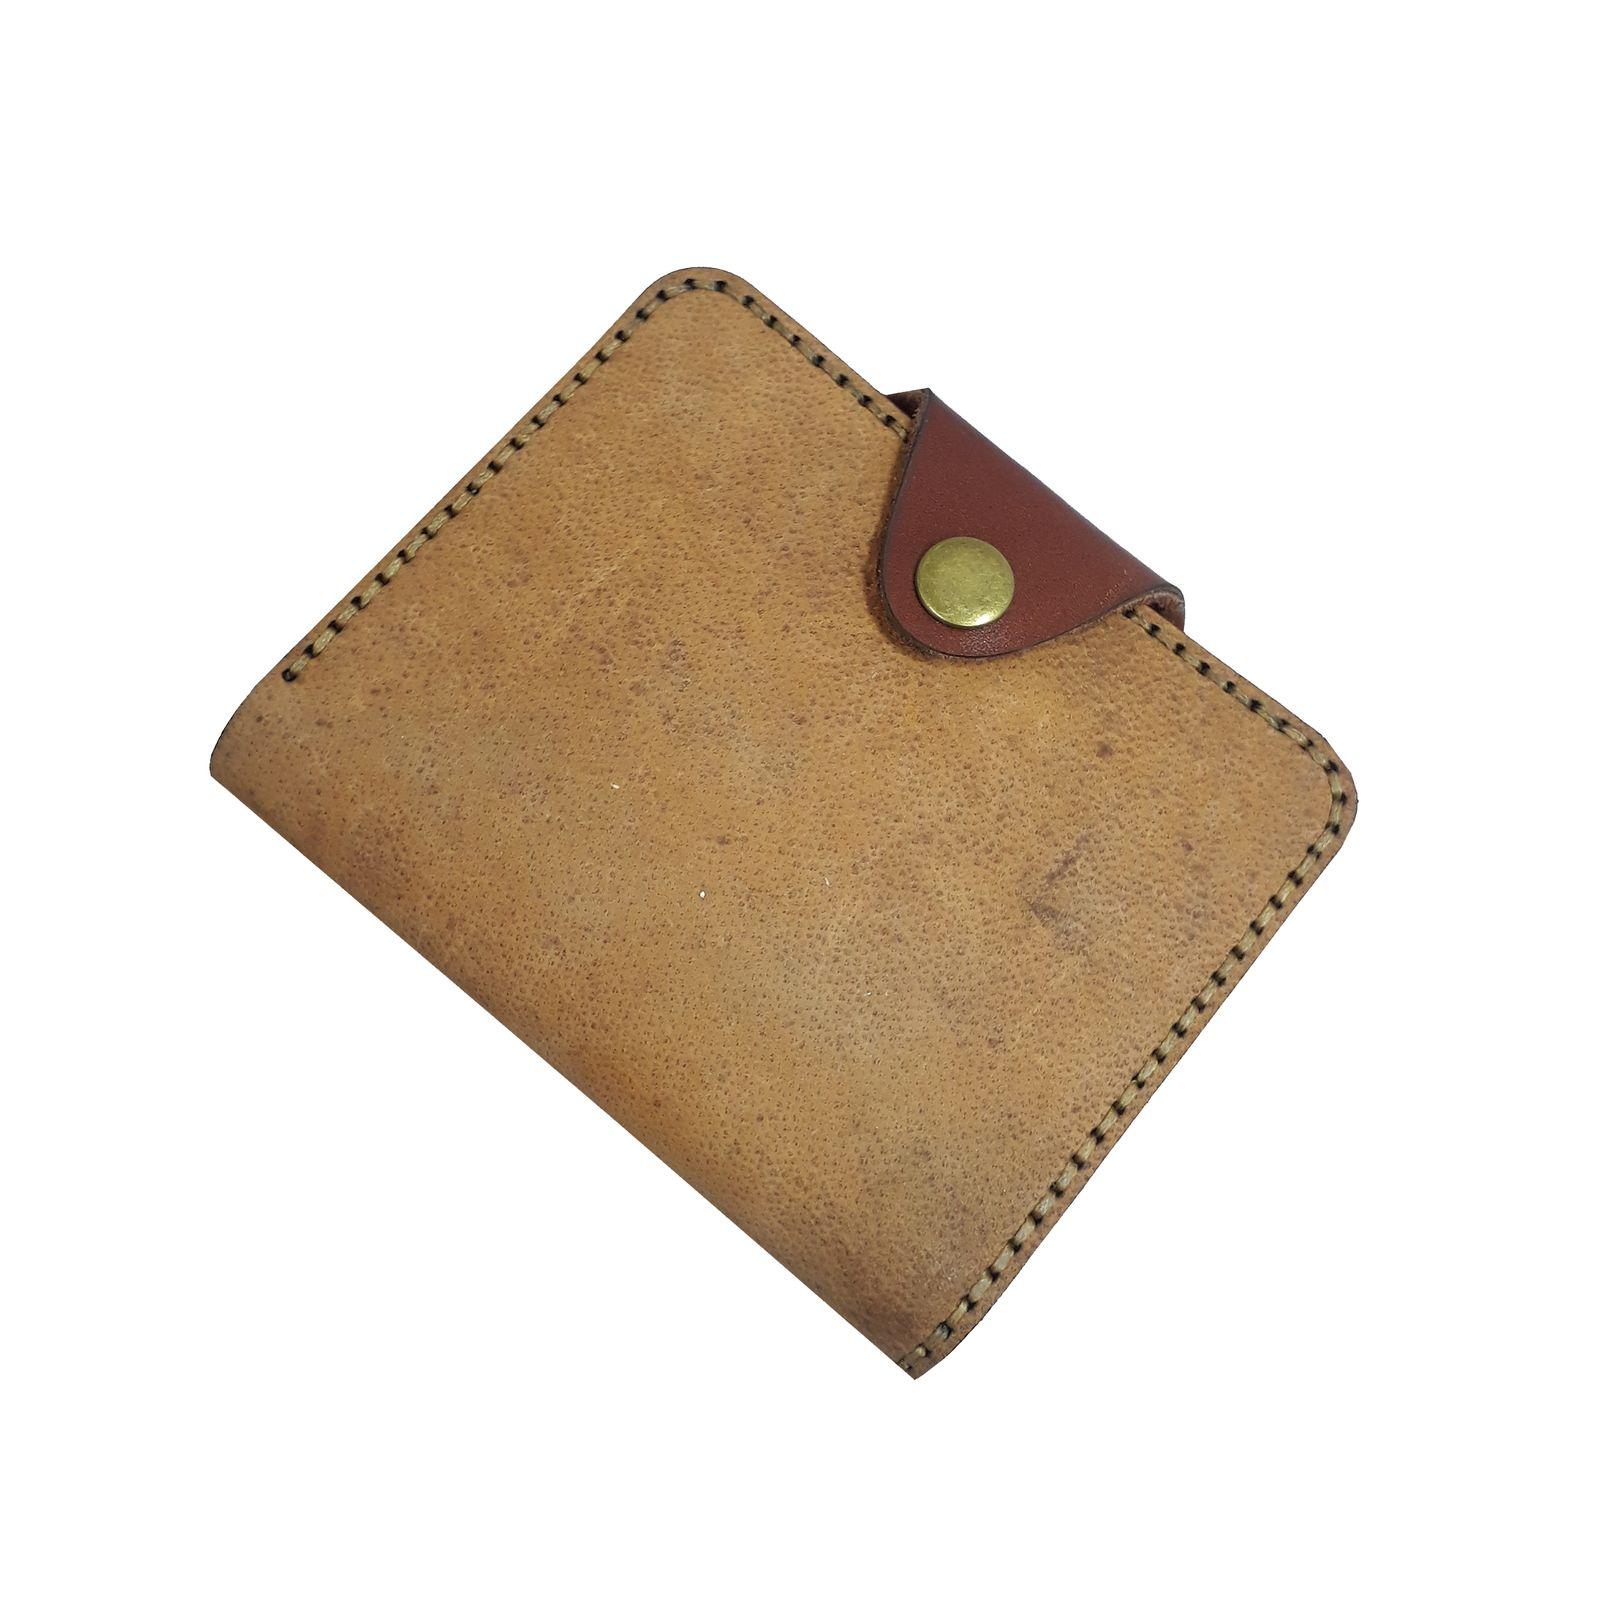 کیف پول مردانه چرم بارثاوا کد 1510 -  - 7